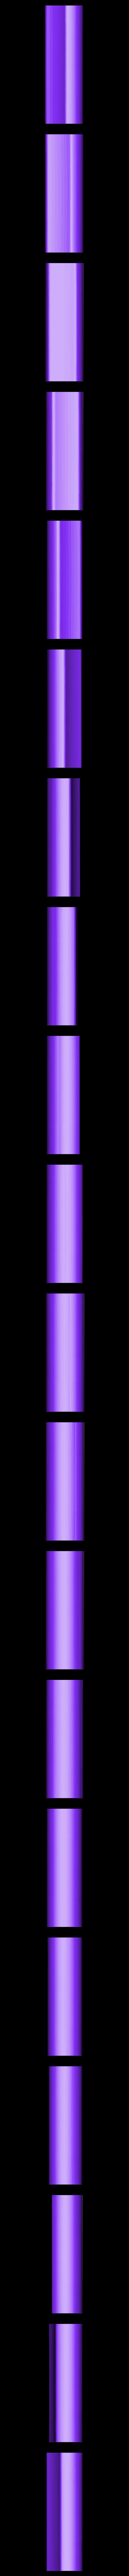 DeepDorsalArteryLeft.stl Télécharger fichier STL Puzzle de la section tranchée du clitoris • Plan pour impression 3D, 3D_Maniac